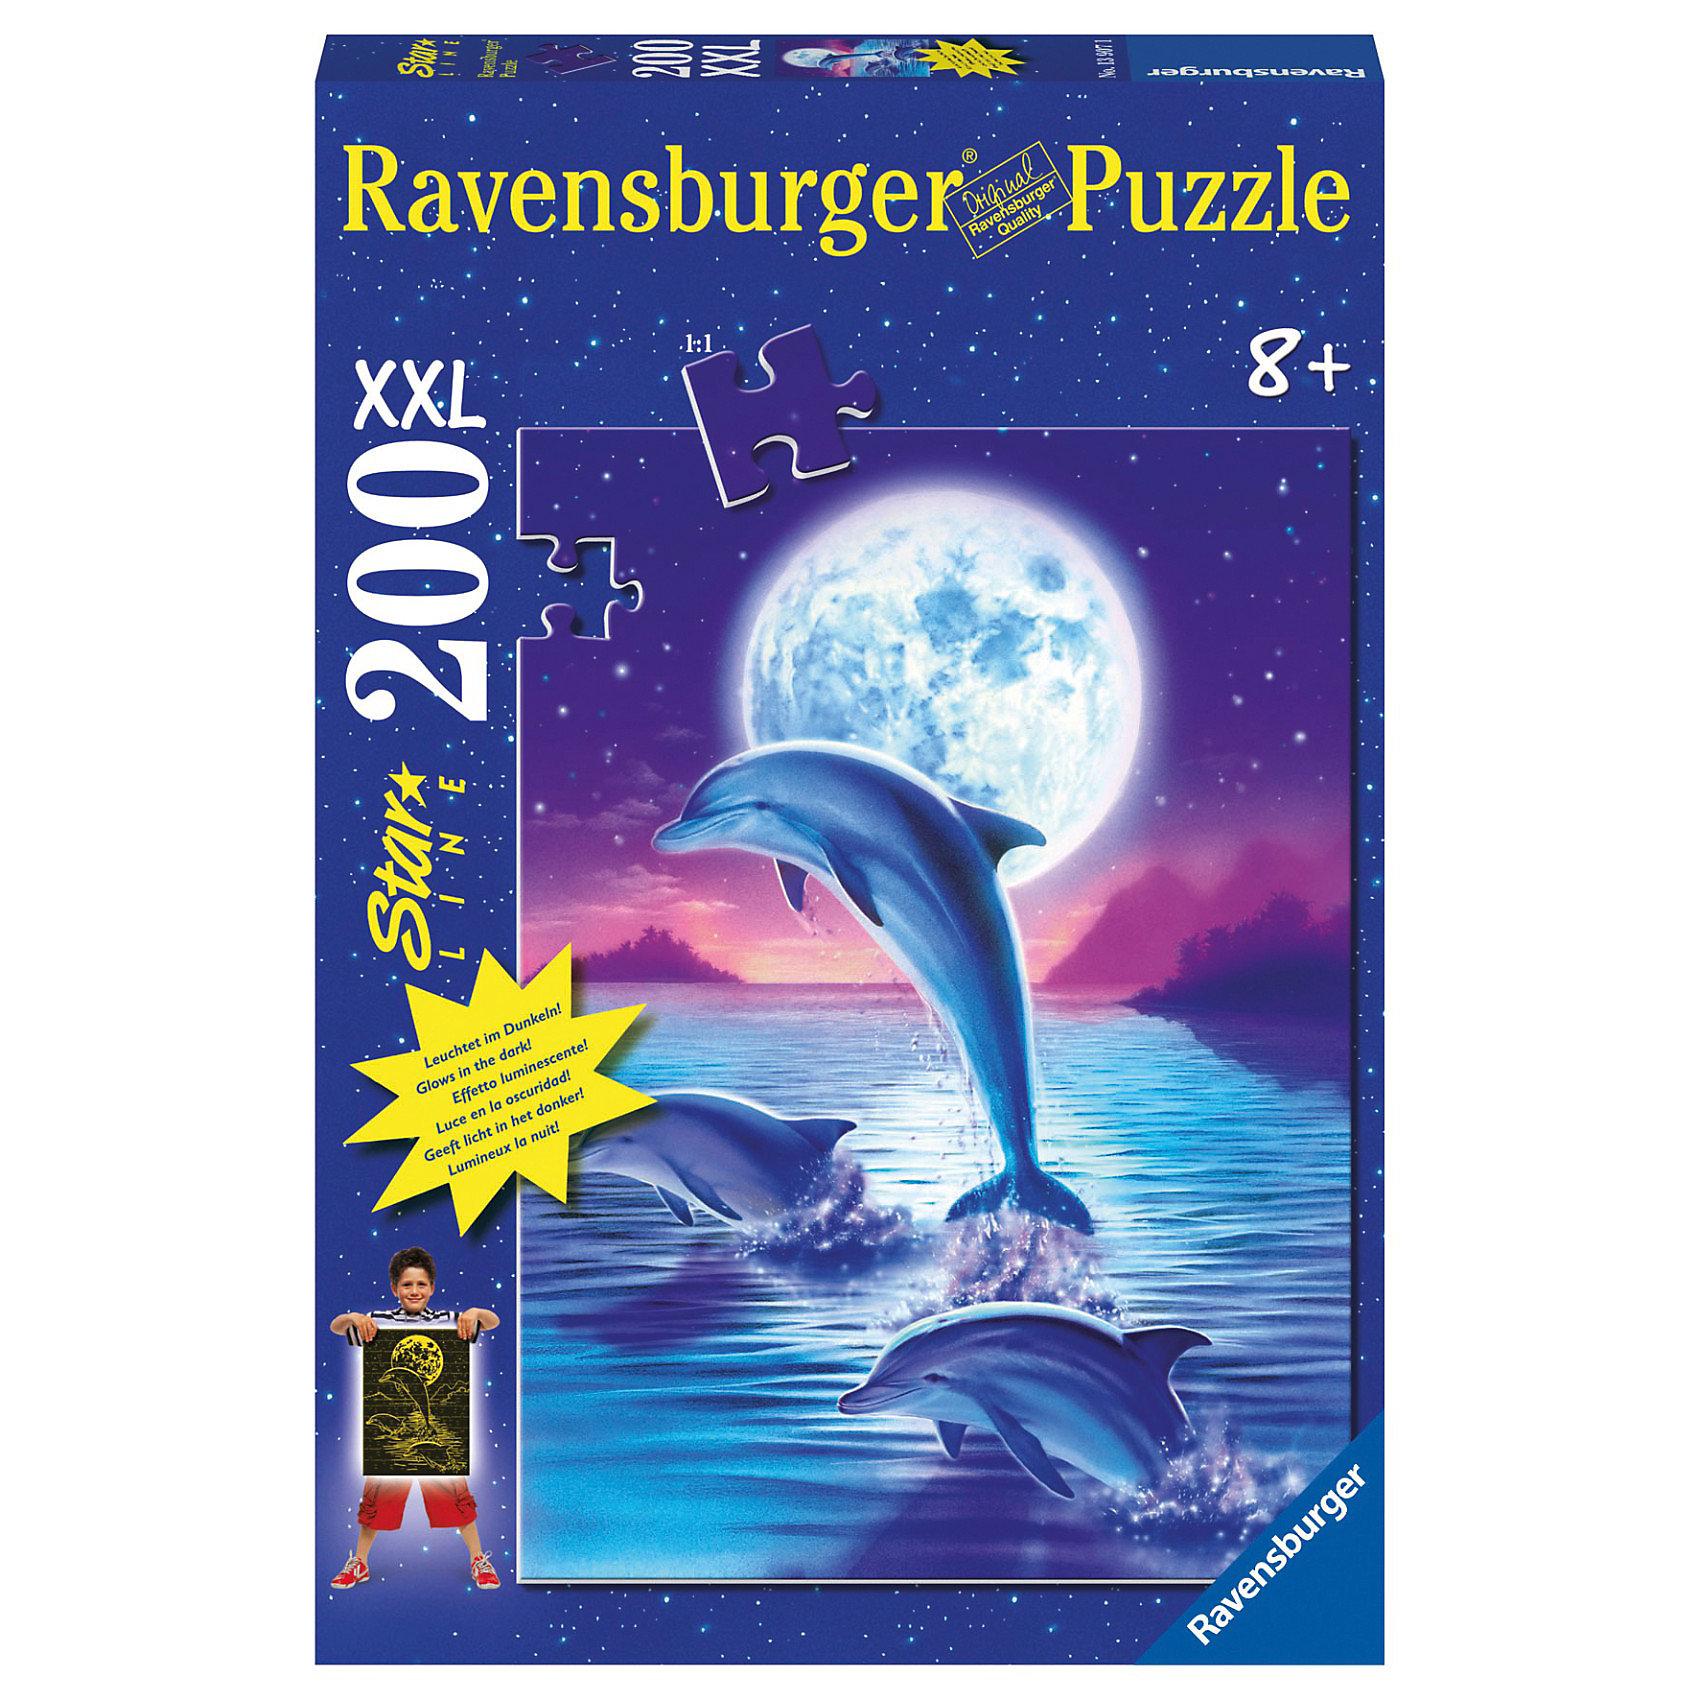 Пазл светящийся «Дельфины» XXL 200 деталей, Ravensburger